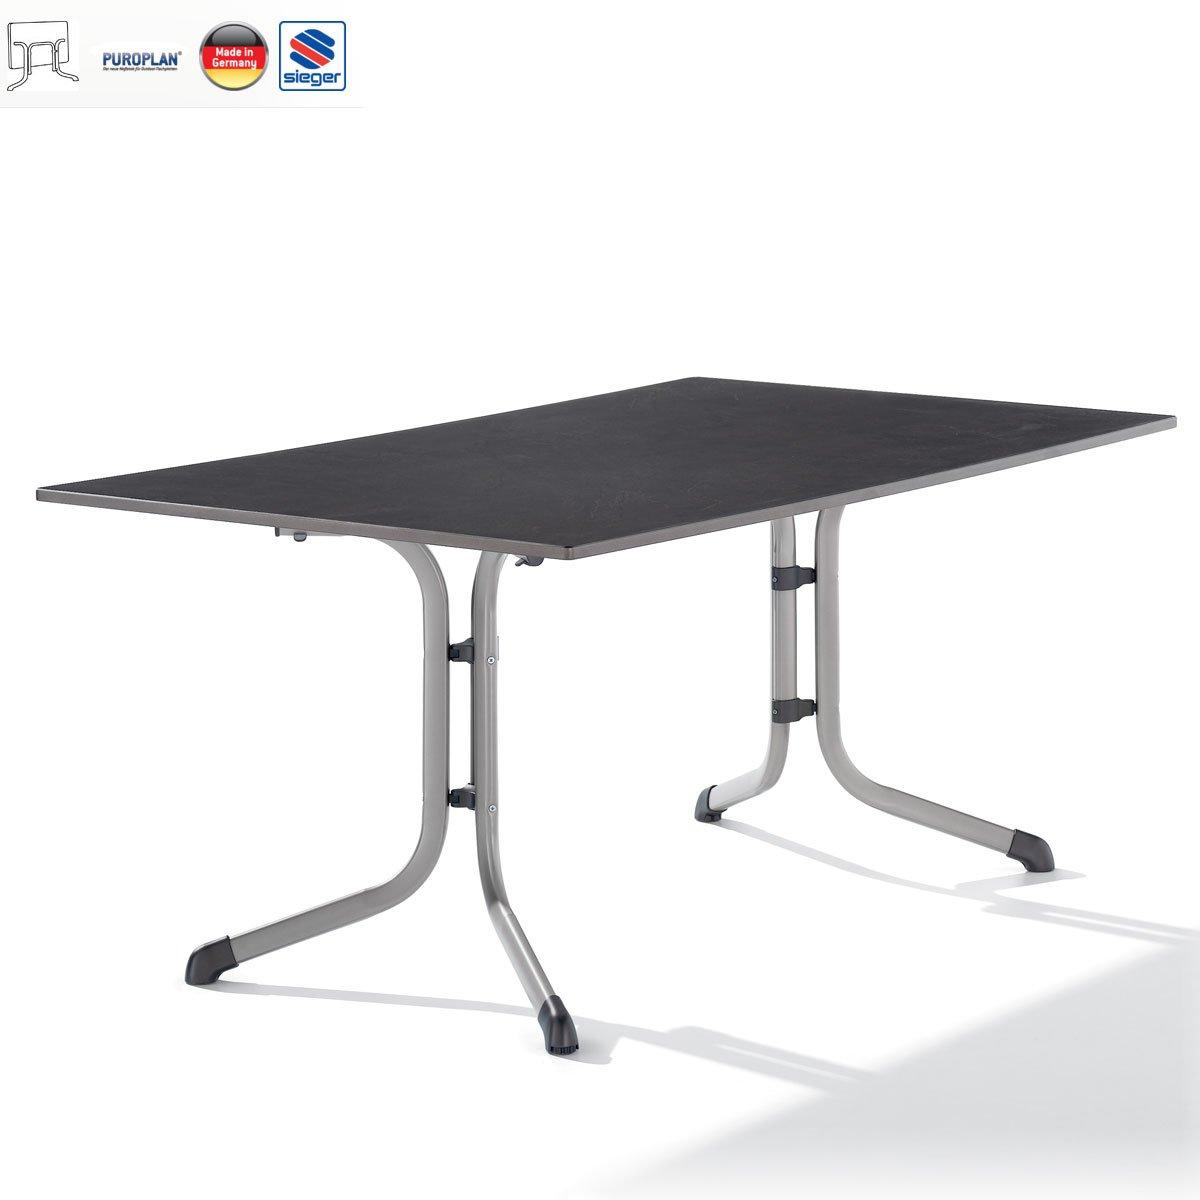 E352630 Klapptisch 160x95cm, graphit